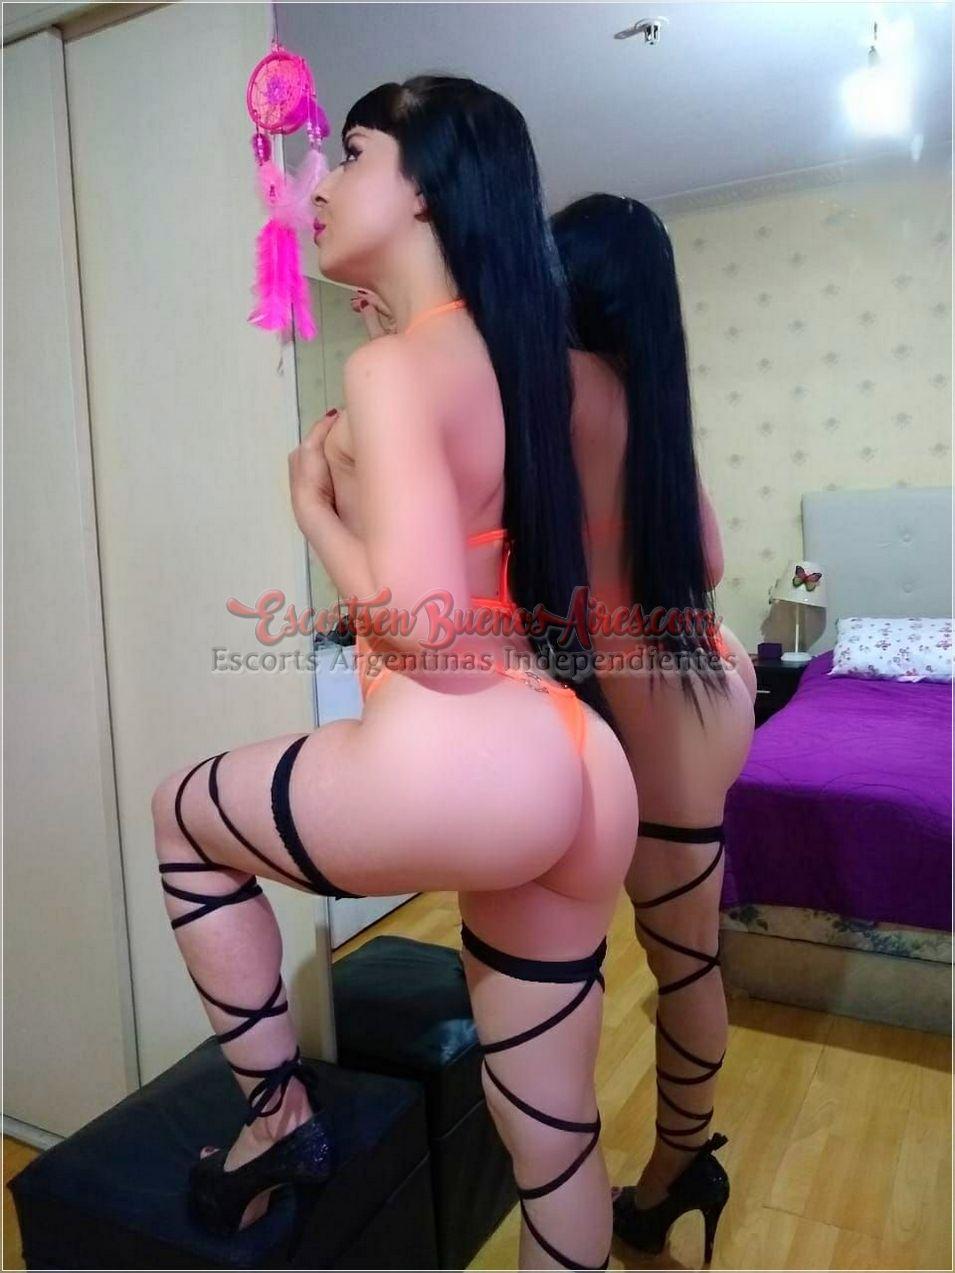 Lara 15-6486-5412